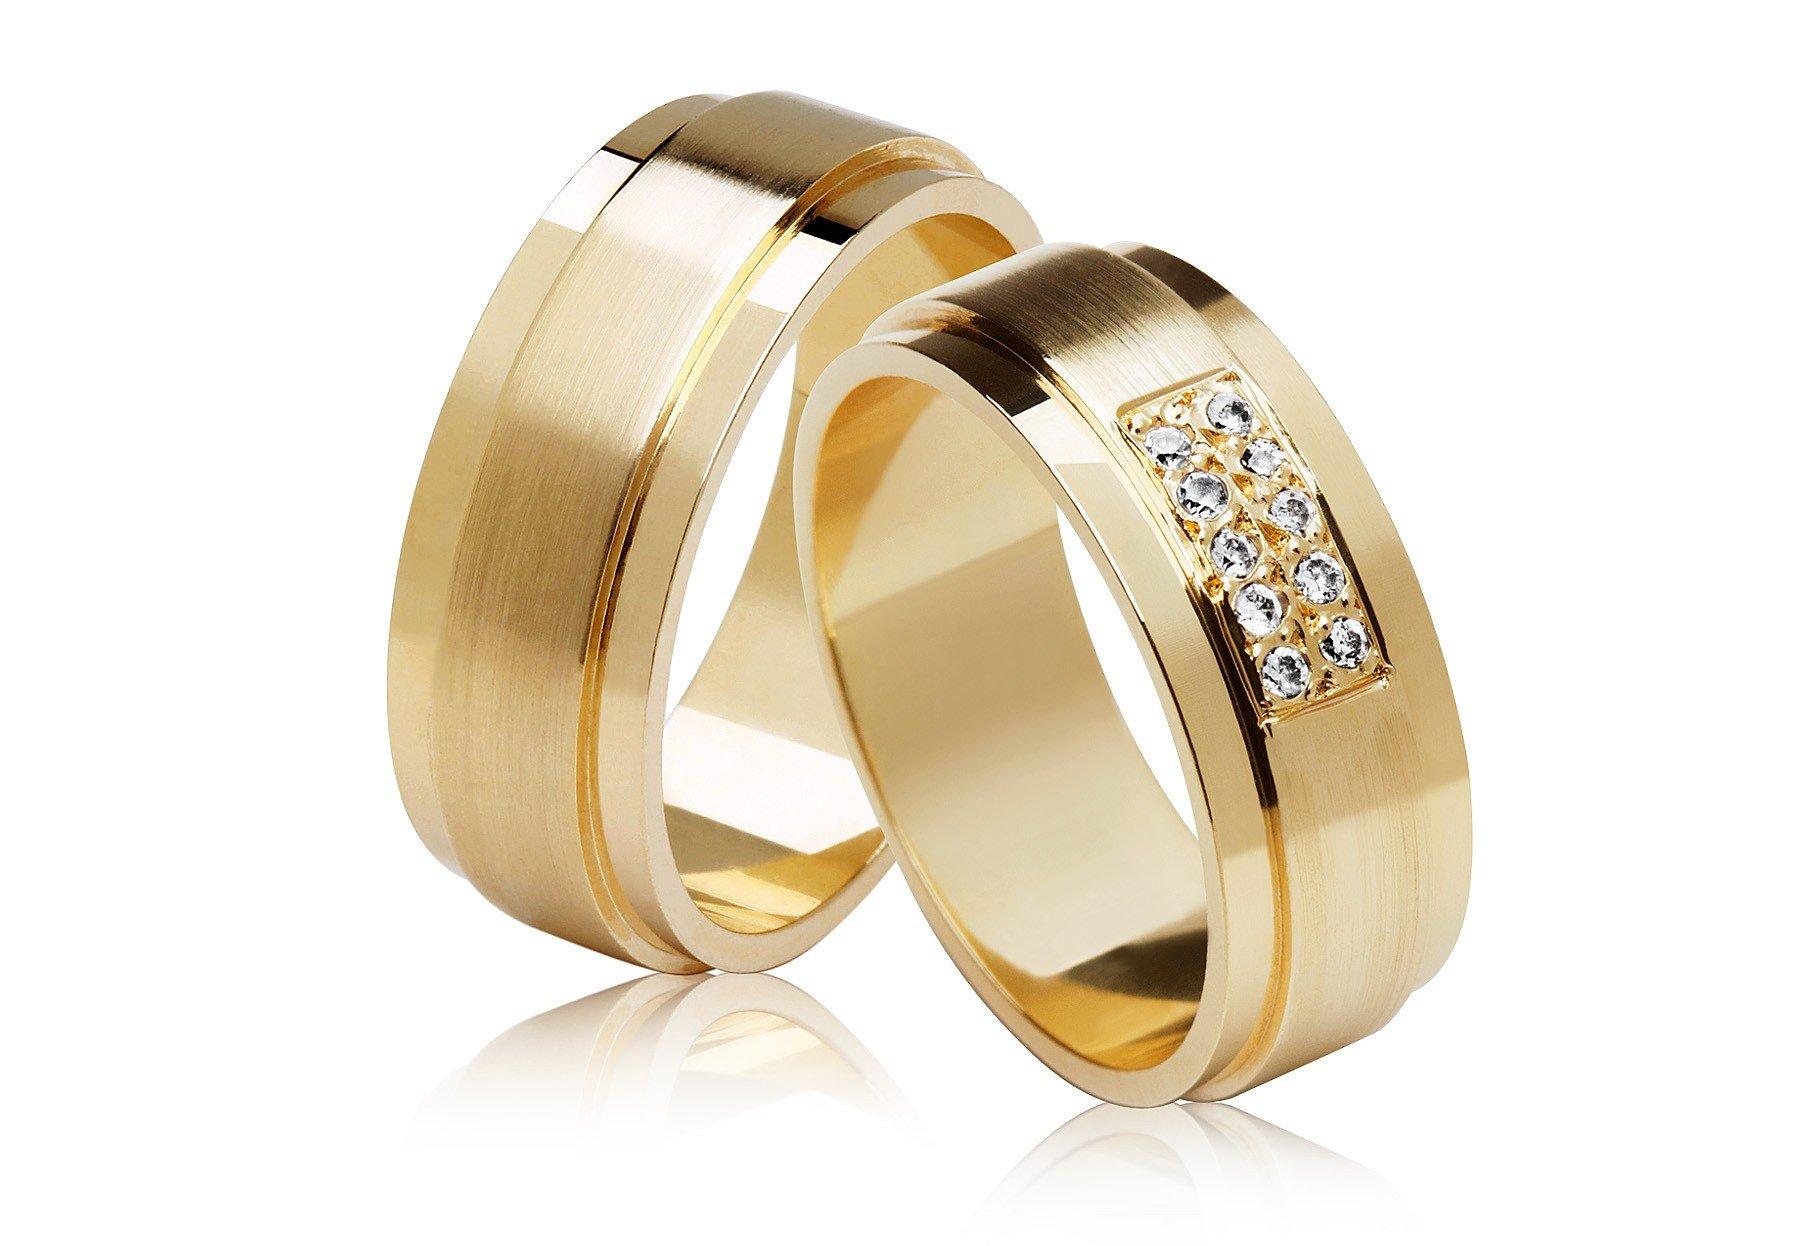 Aliança de Casamento Eterna II Ouro Amarelo 18k - Unitária (7.10mm)